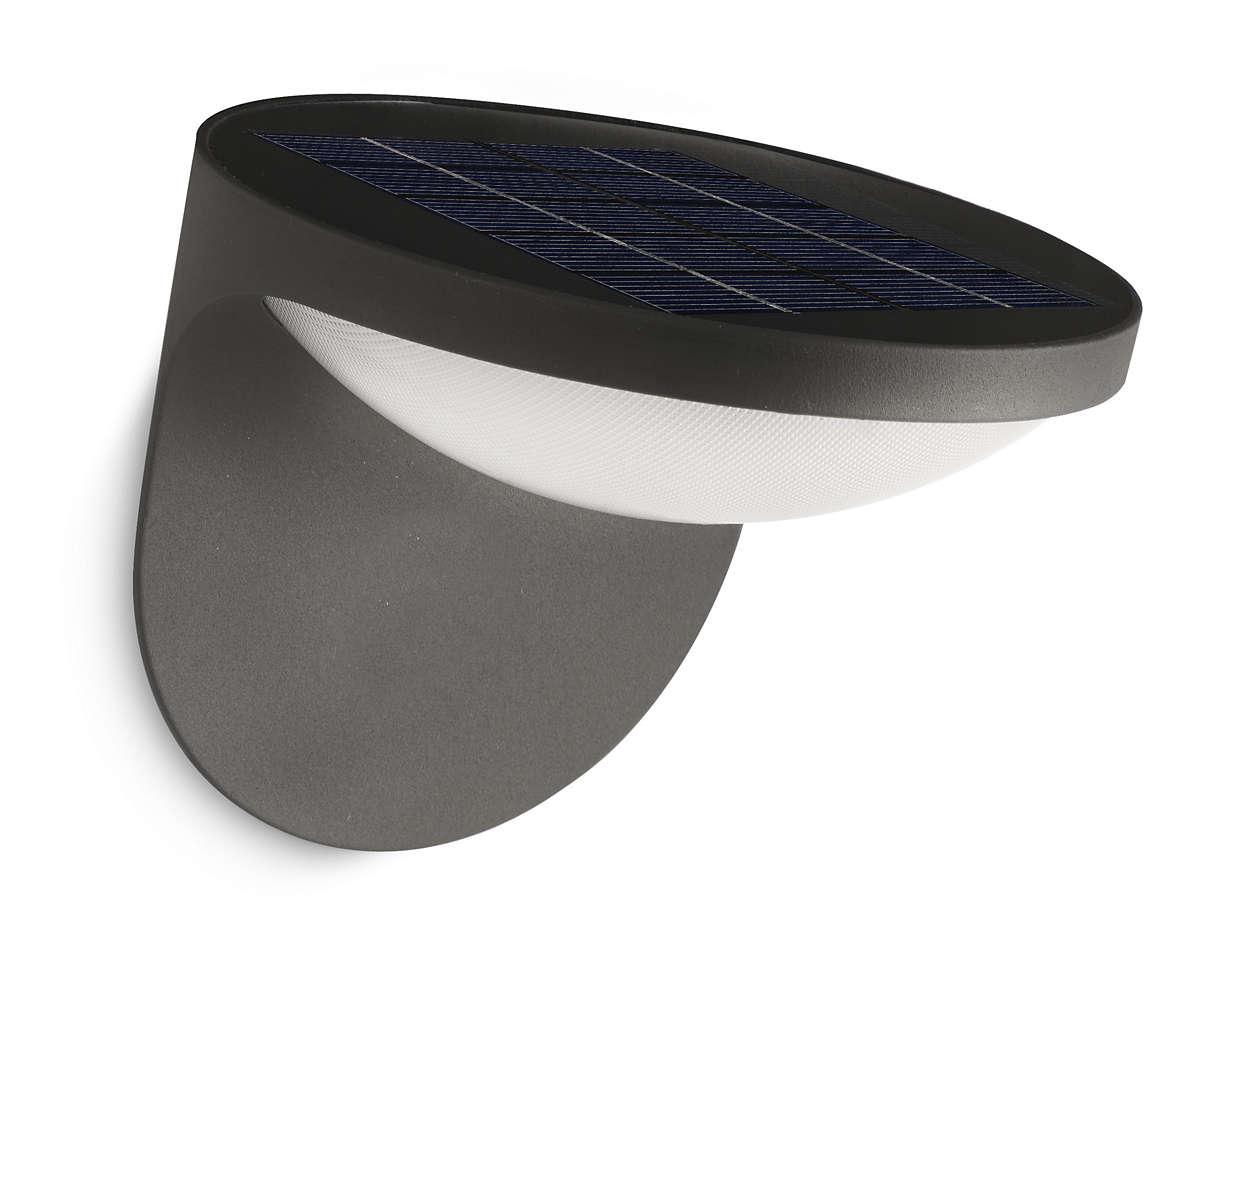 Maak van zonlicht LED-licht